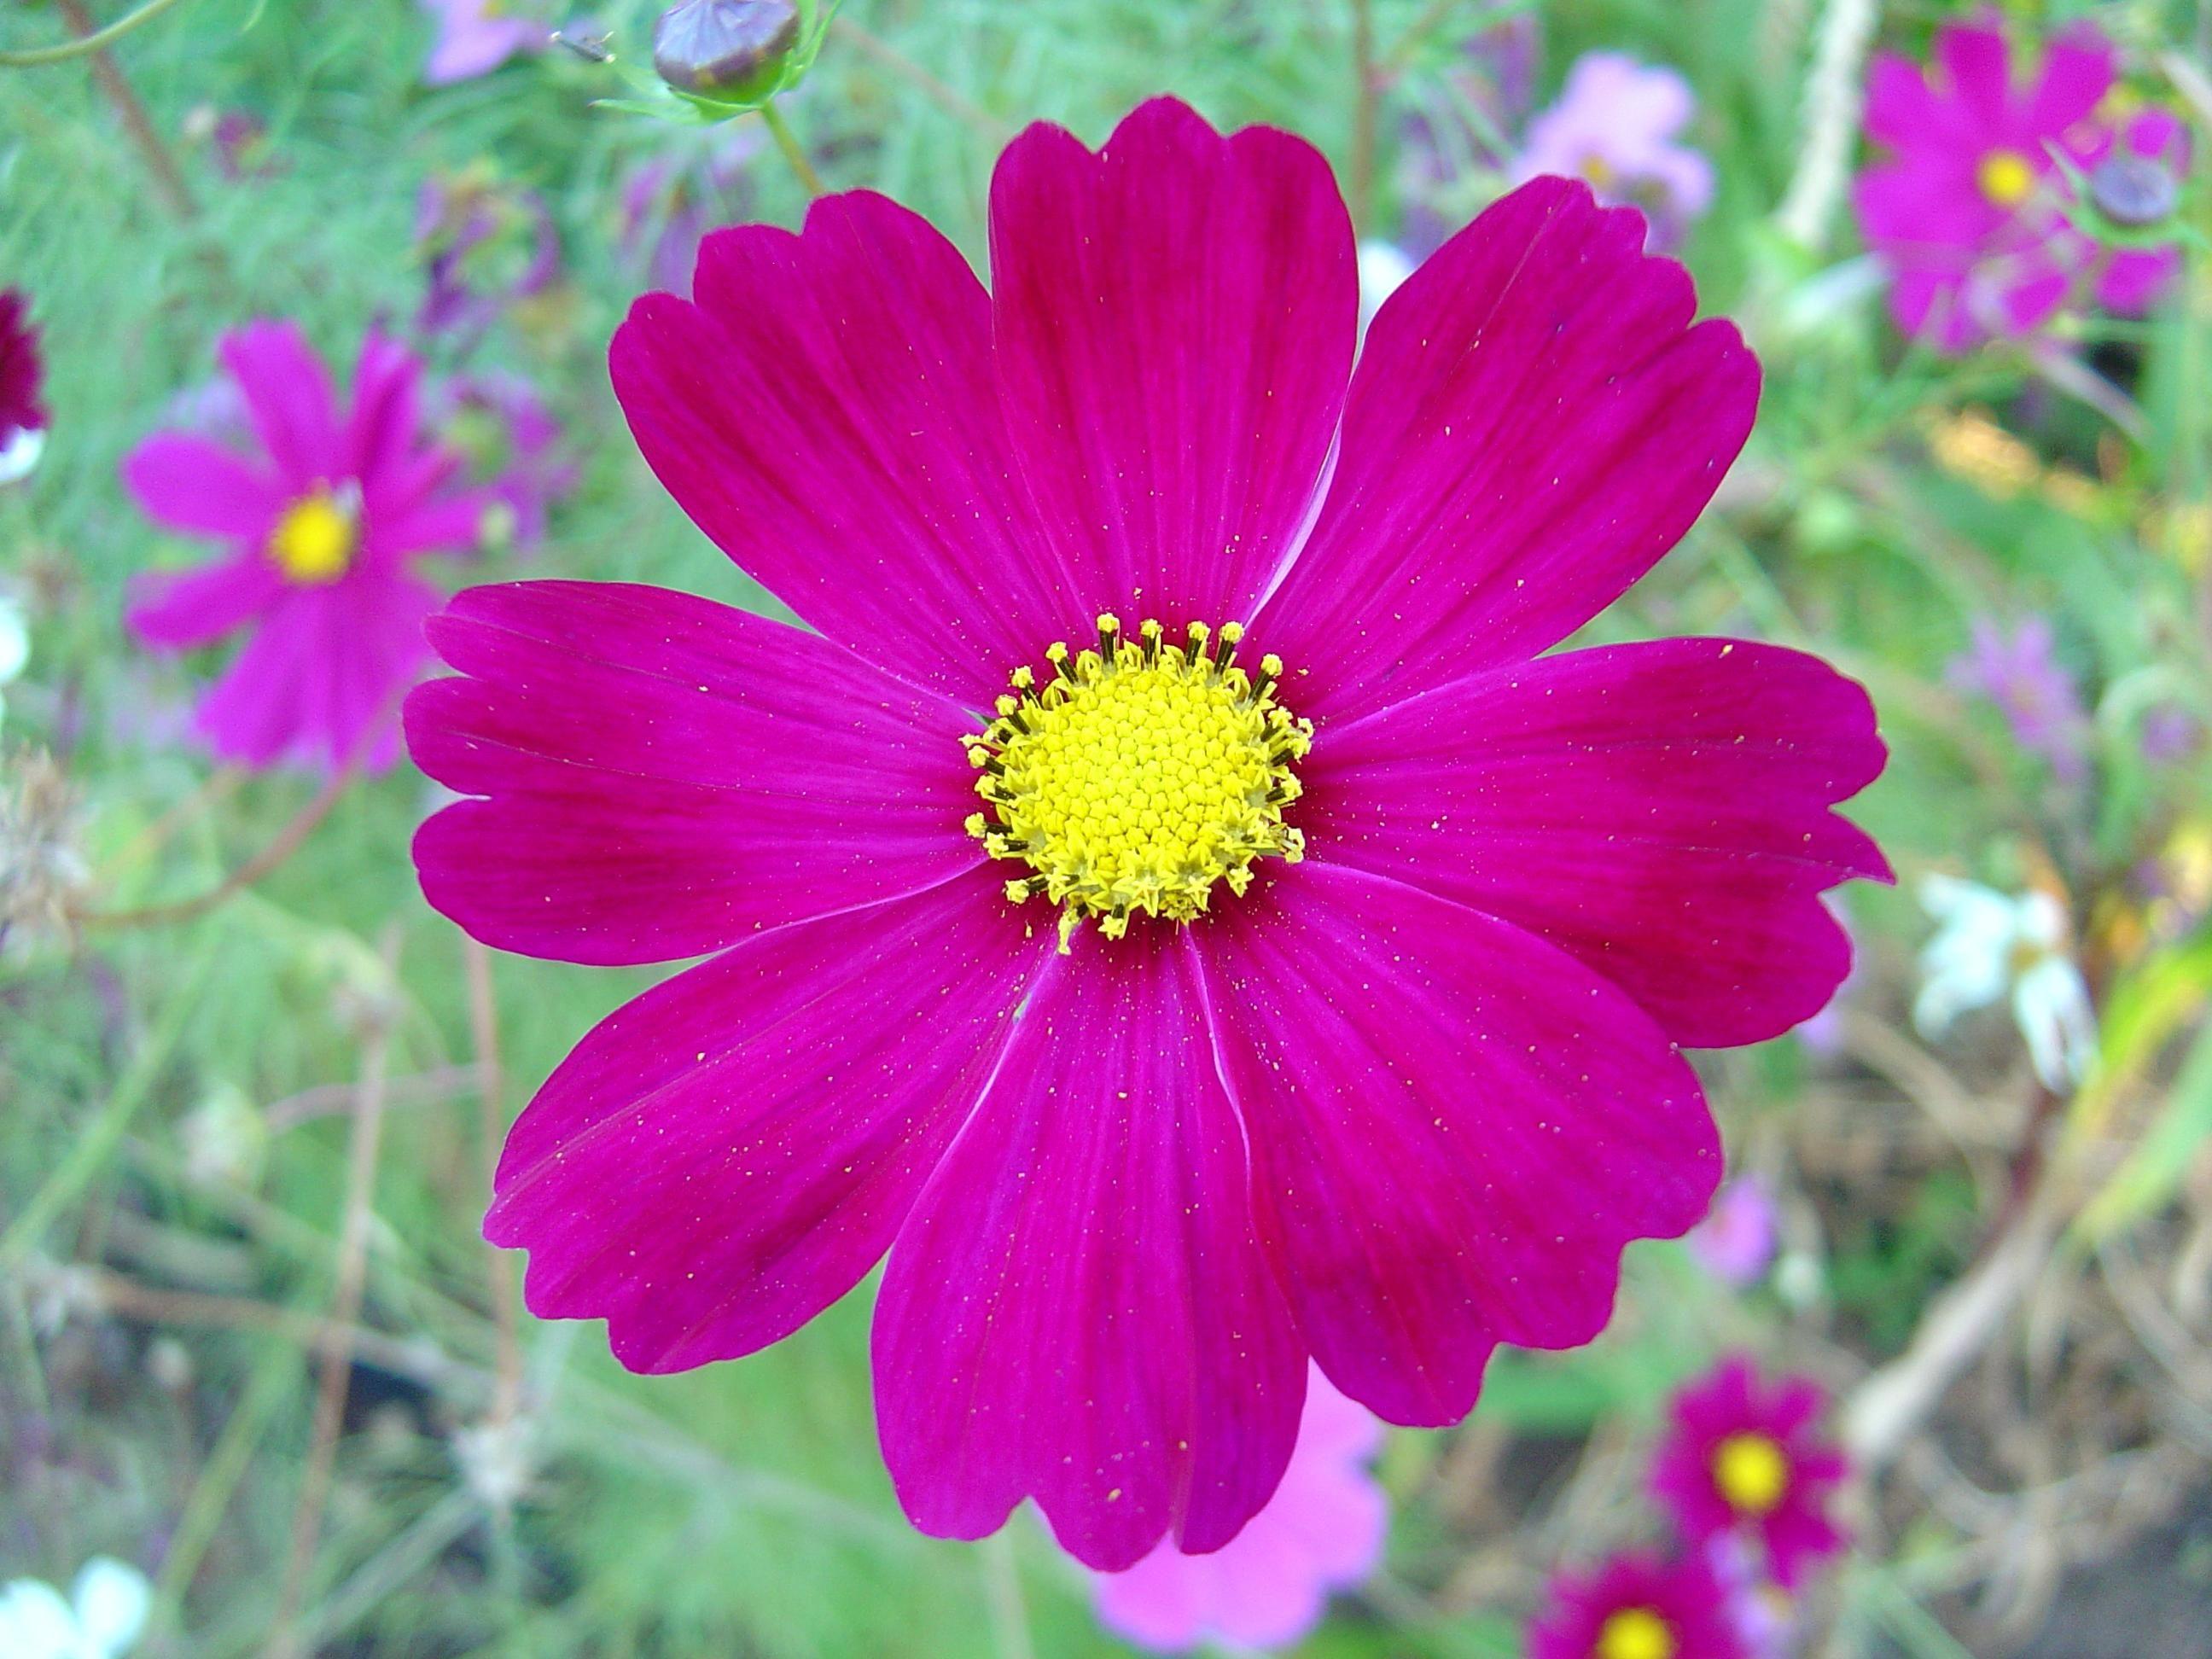 Free picture dark pink cosmos flower dark pink cosmos flower mightylinksfo